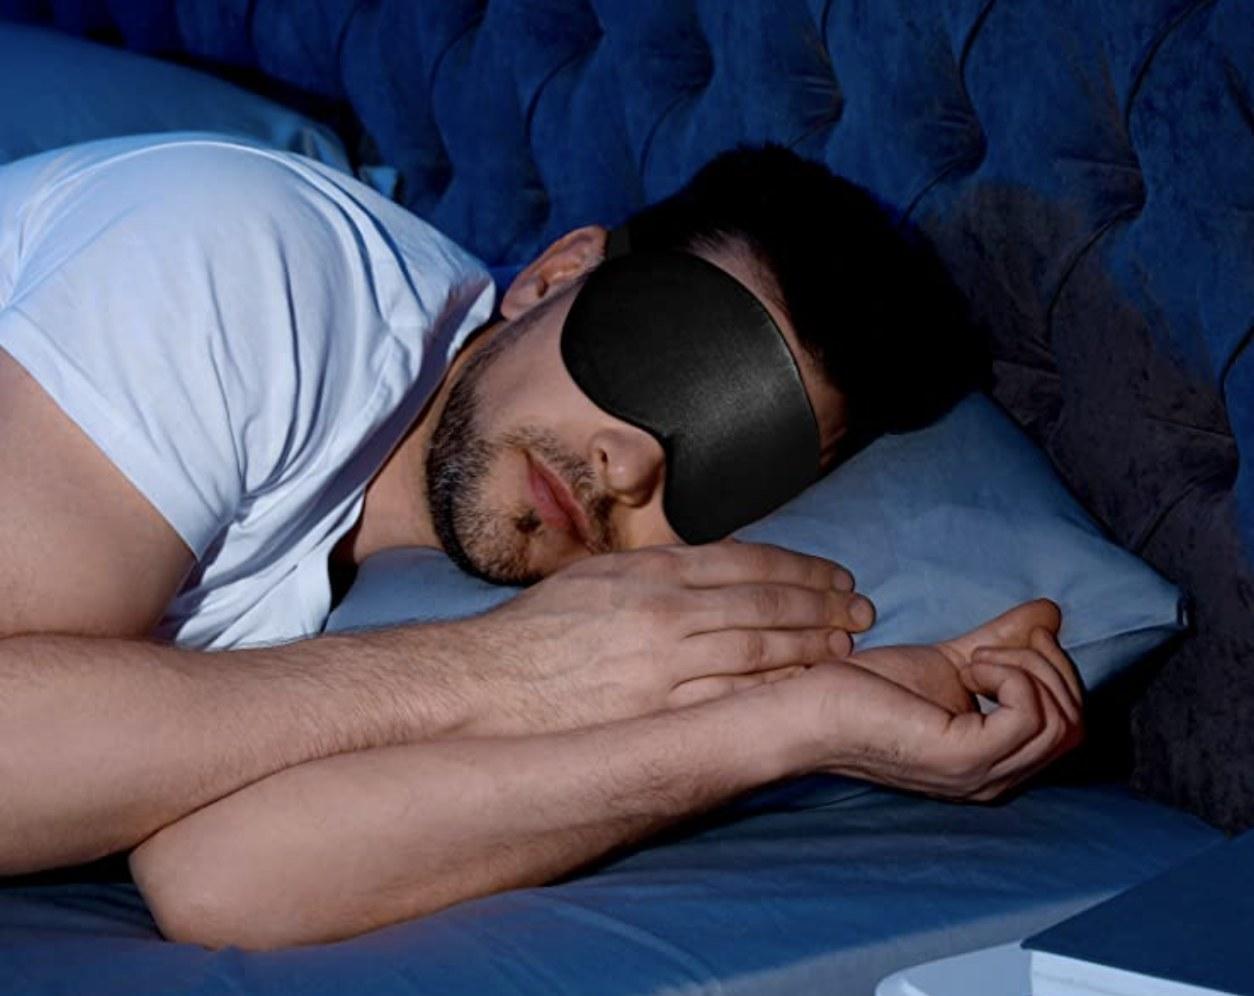 A model wearing the eye mask in black